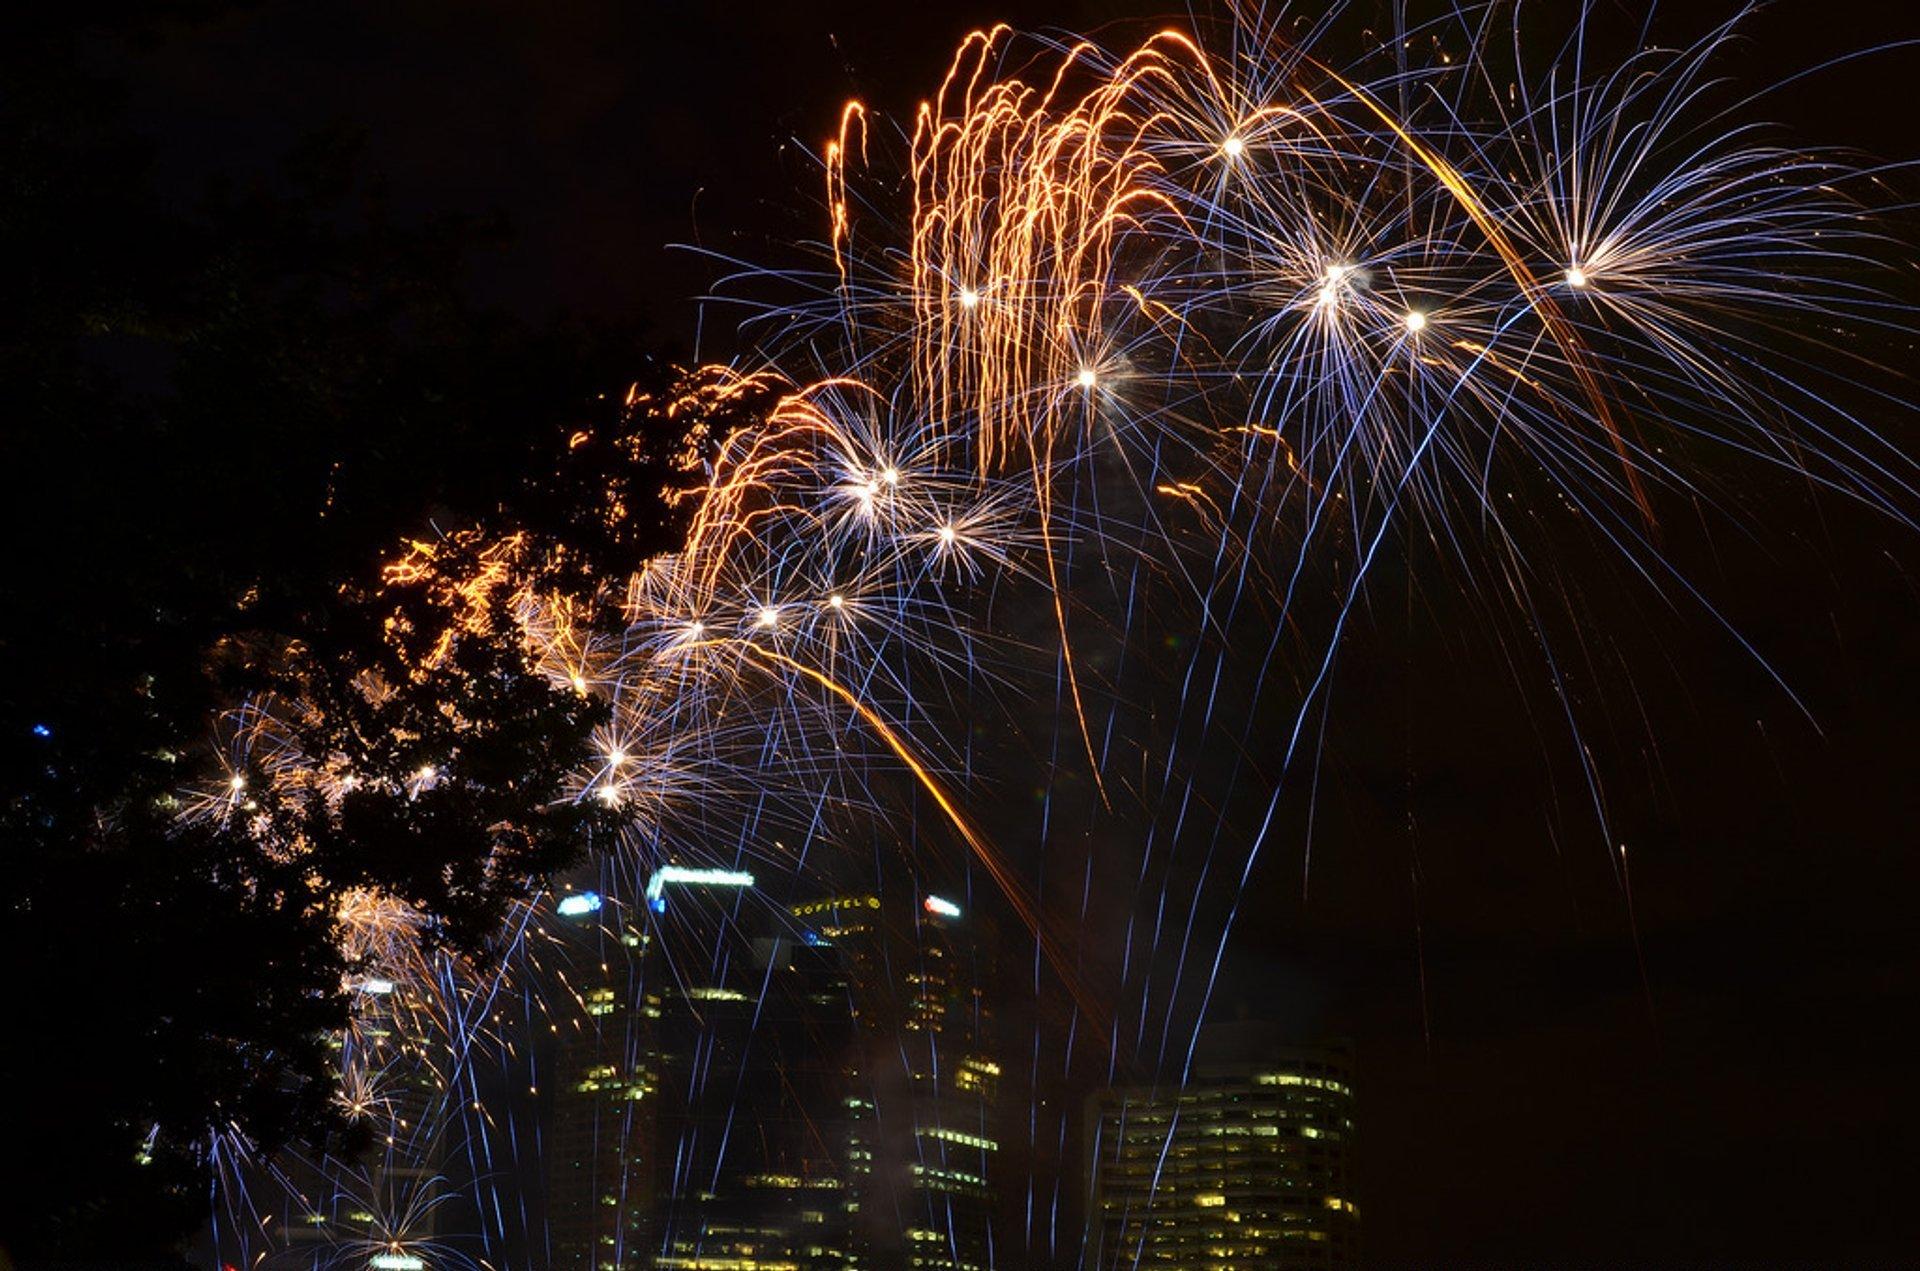 Fireworks at Moomba Festival